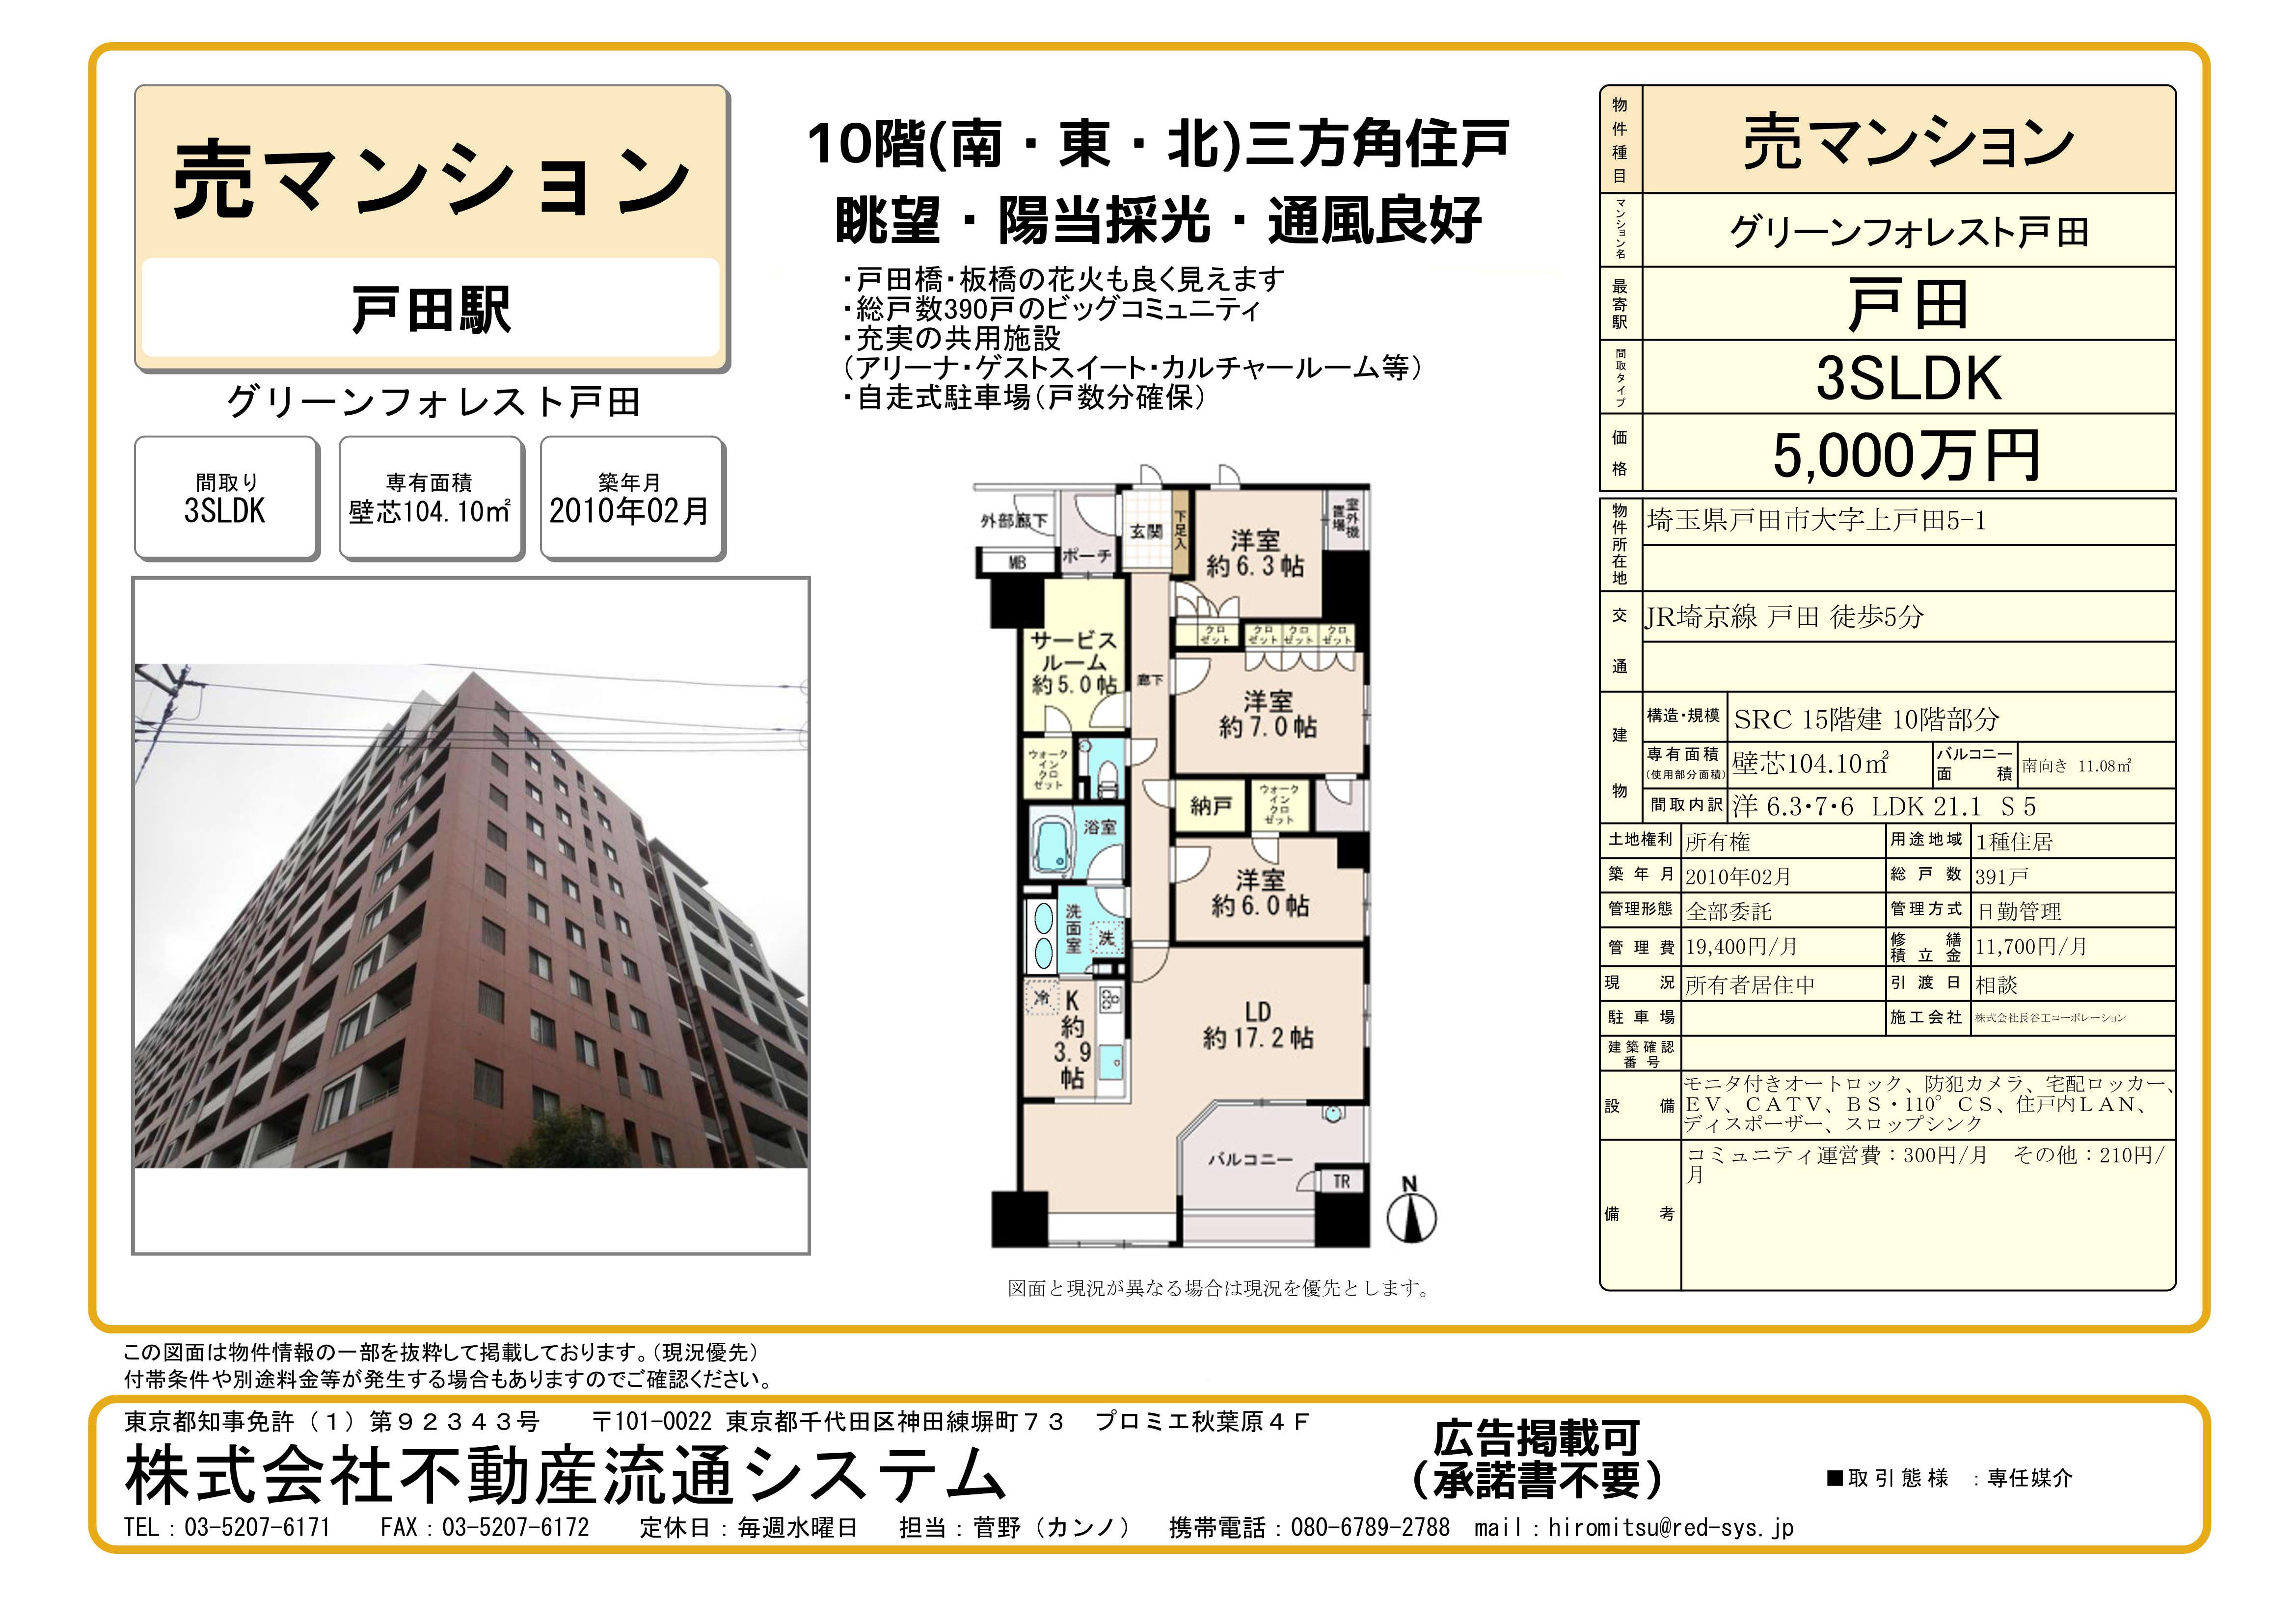 グリーンフォレスト戸田10階